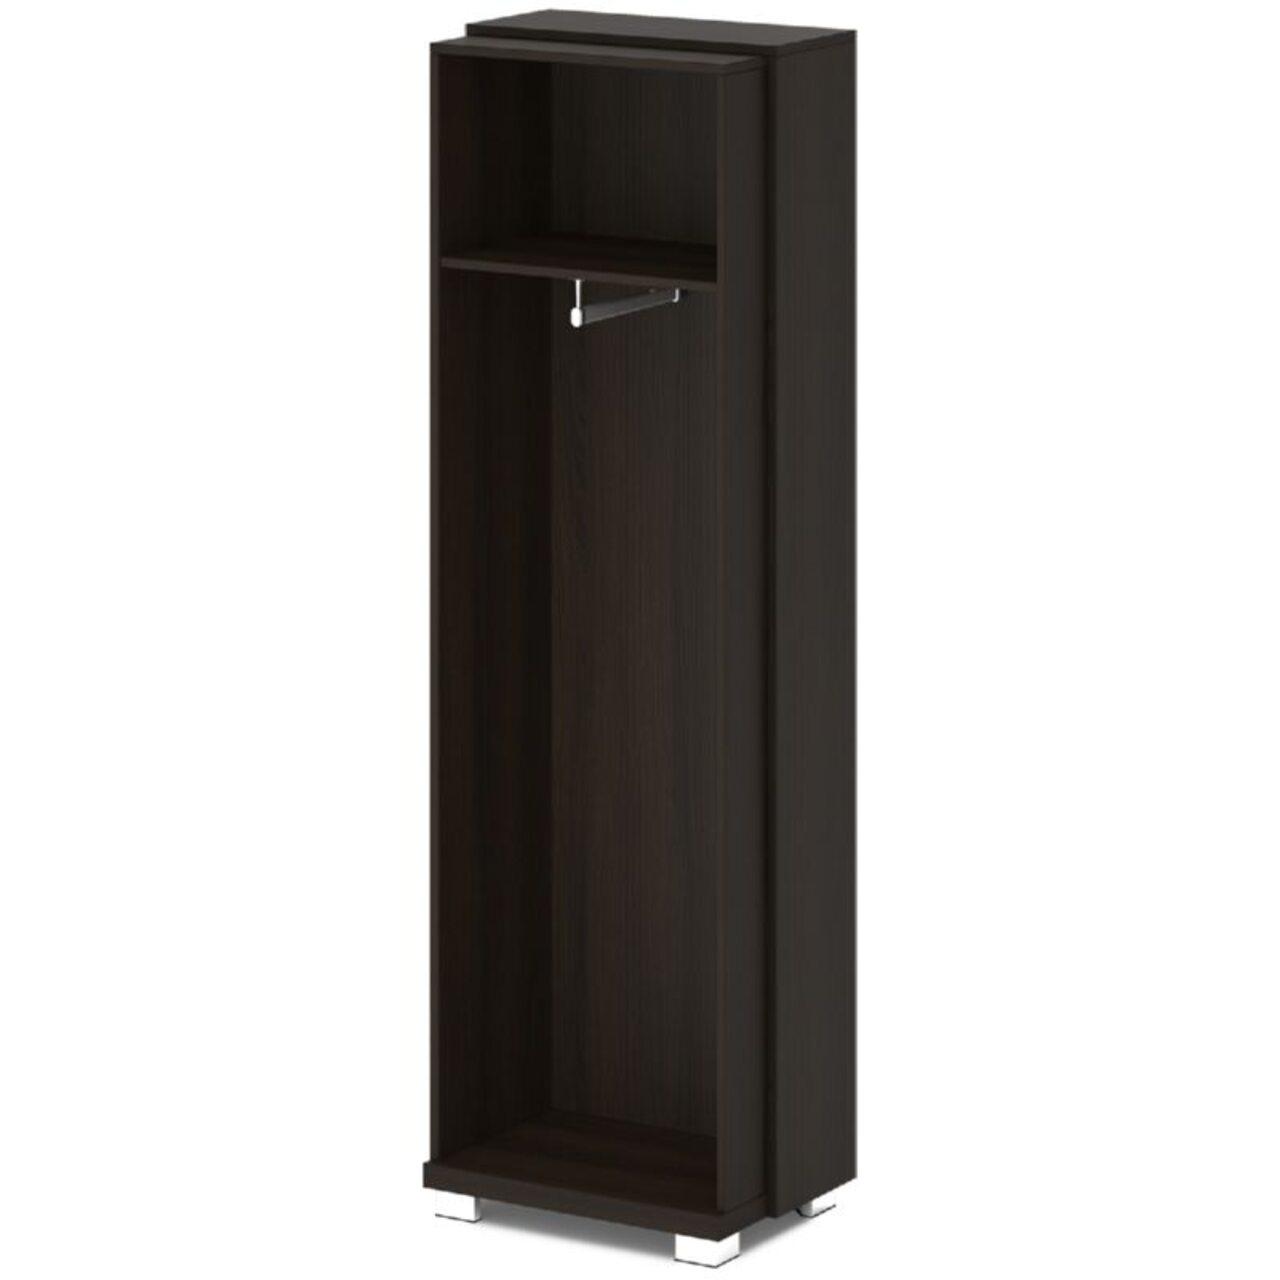 Каркас шкафа для одежды отдельностоящий  GRACE 64x44x205 - фото 9